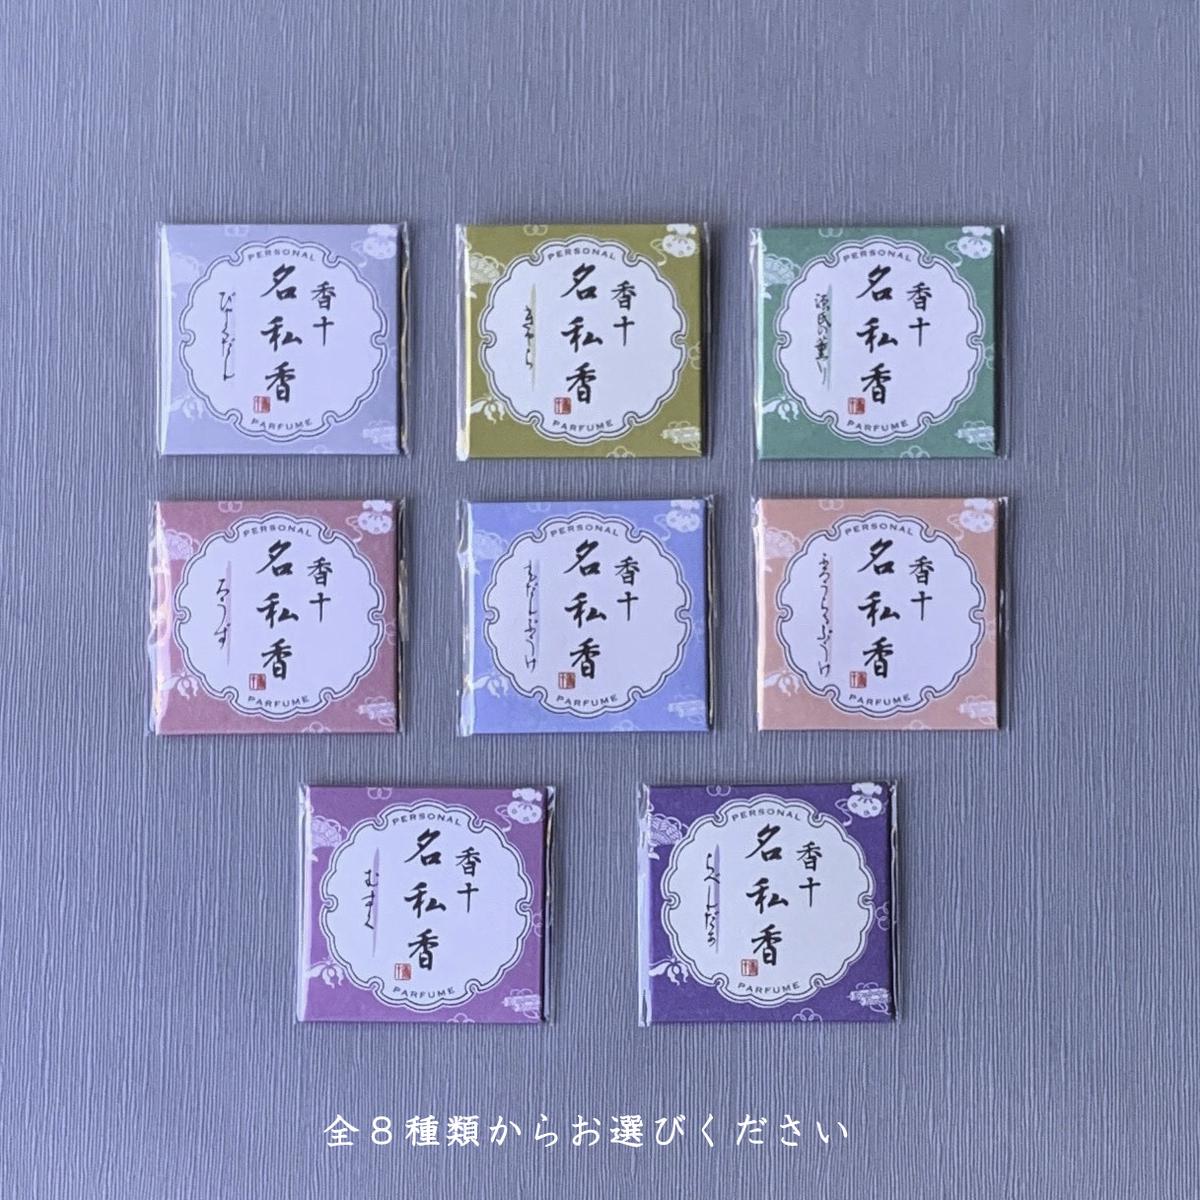 f:id:mizu-kuki:20200623110632j:plain